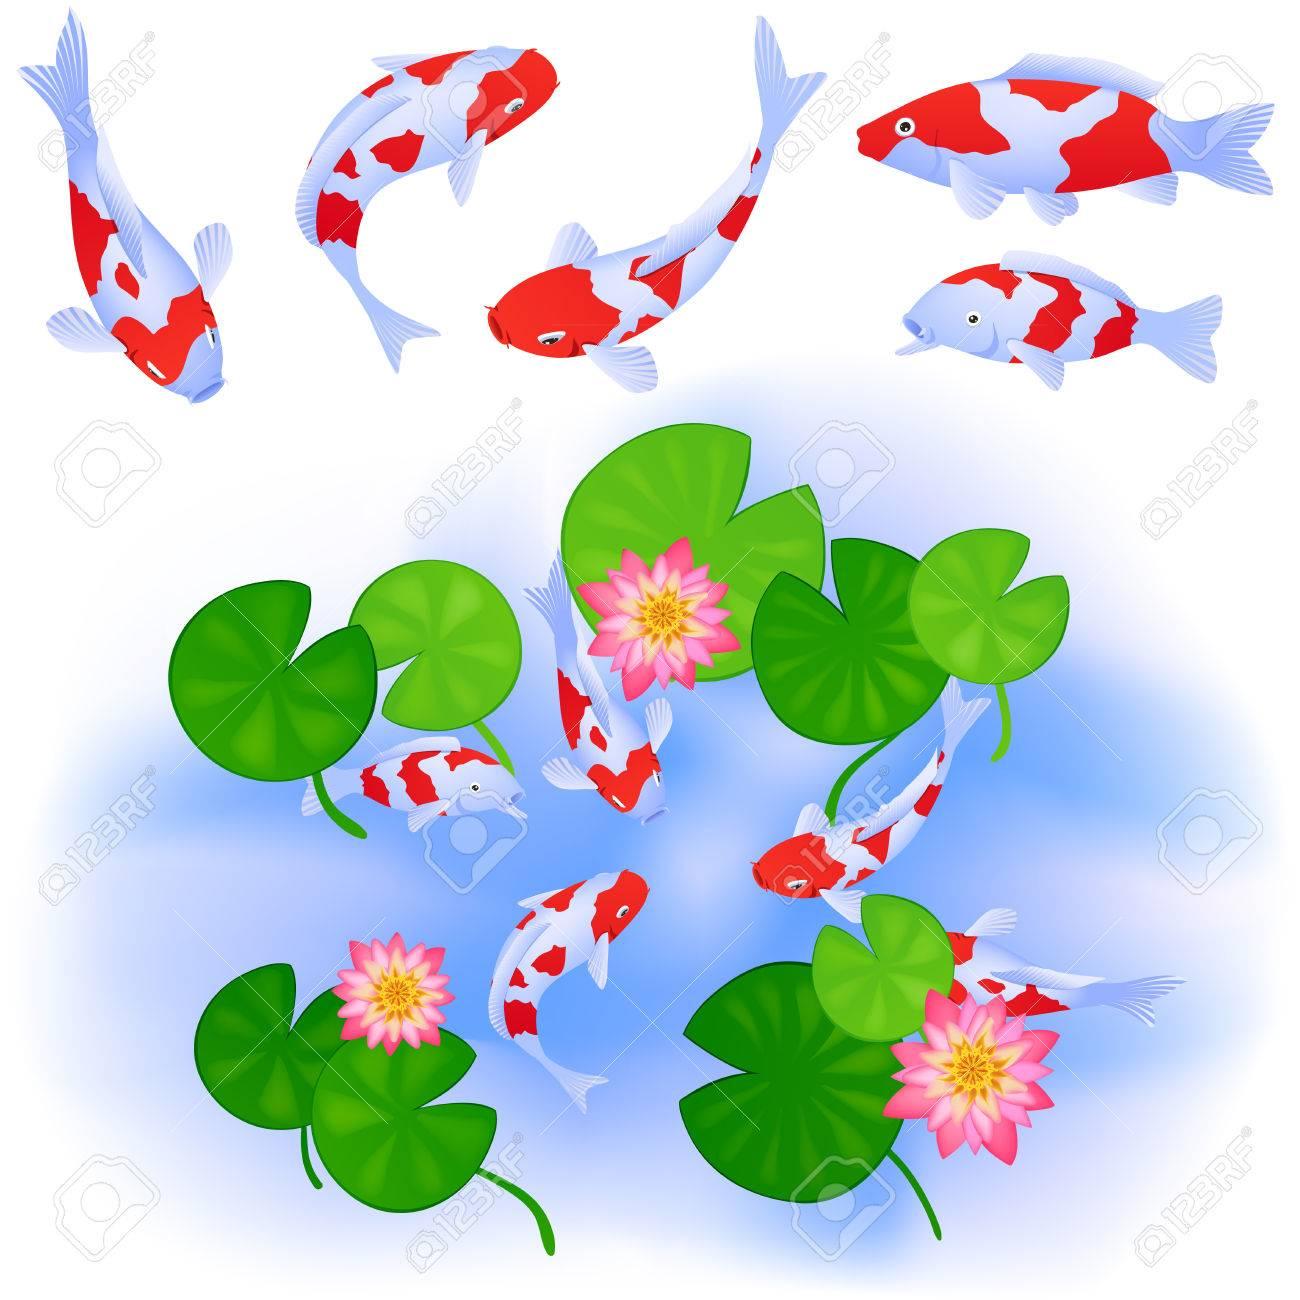 Temas Japoneses O Chinos Carpas Koi Nadar En El Estanque Con Agua